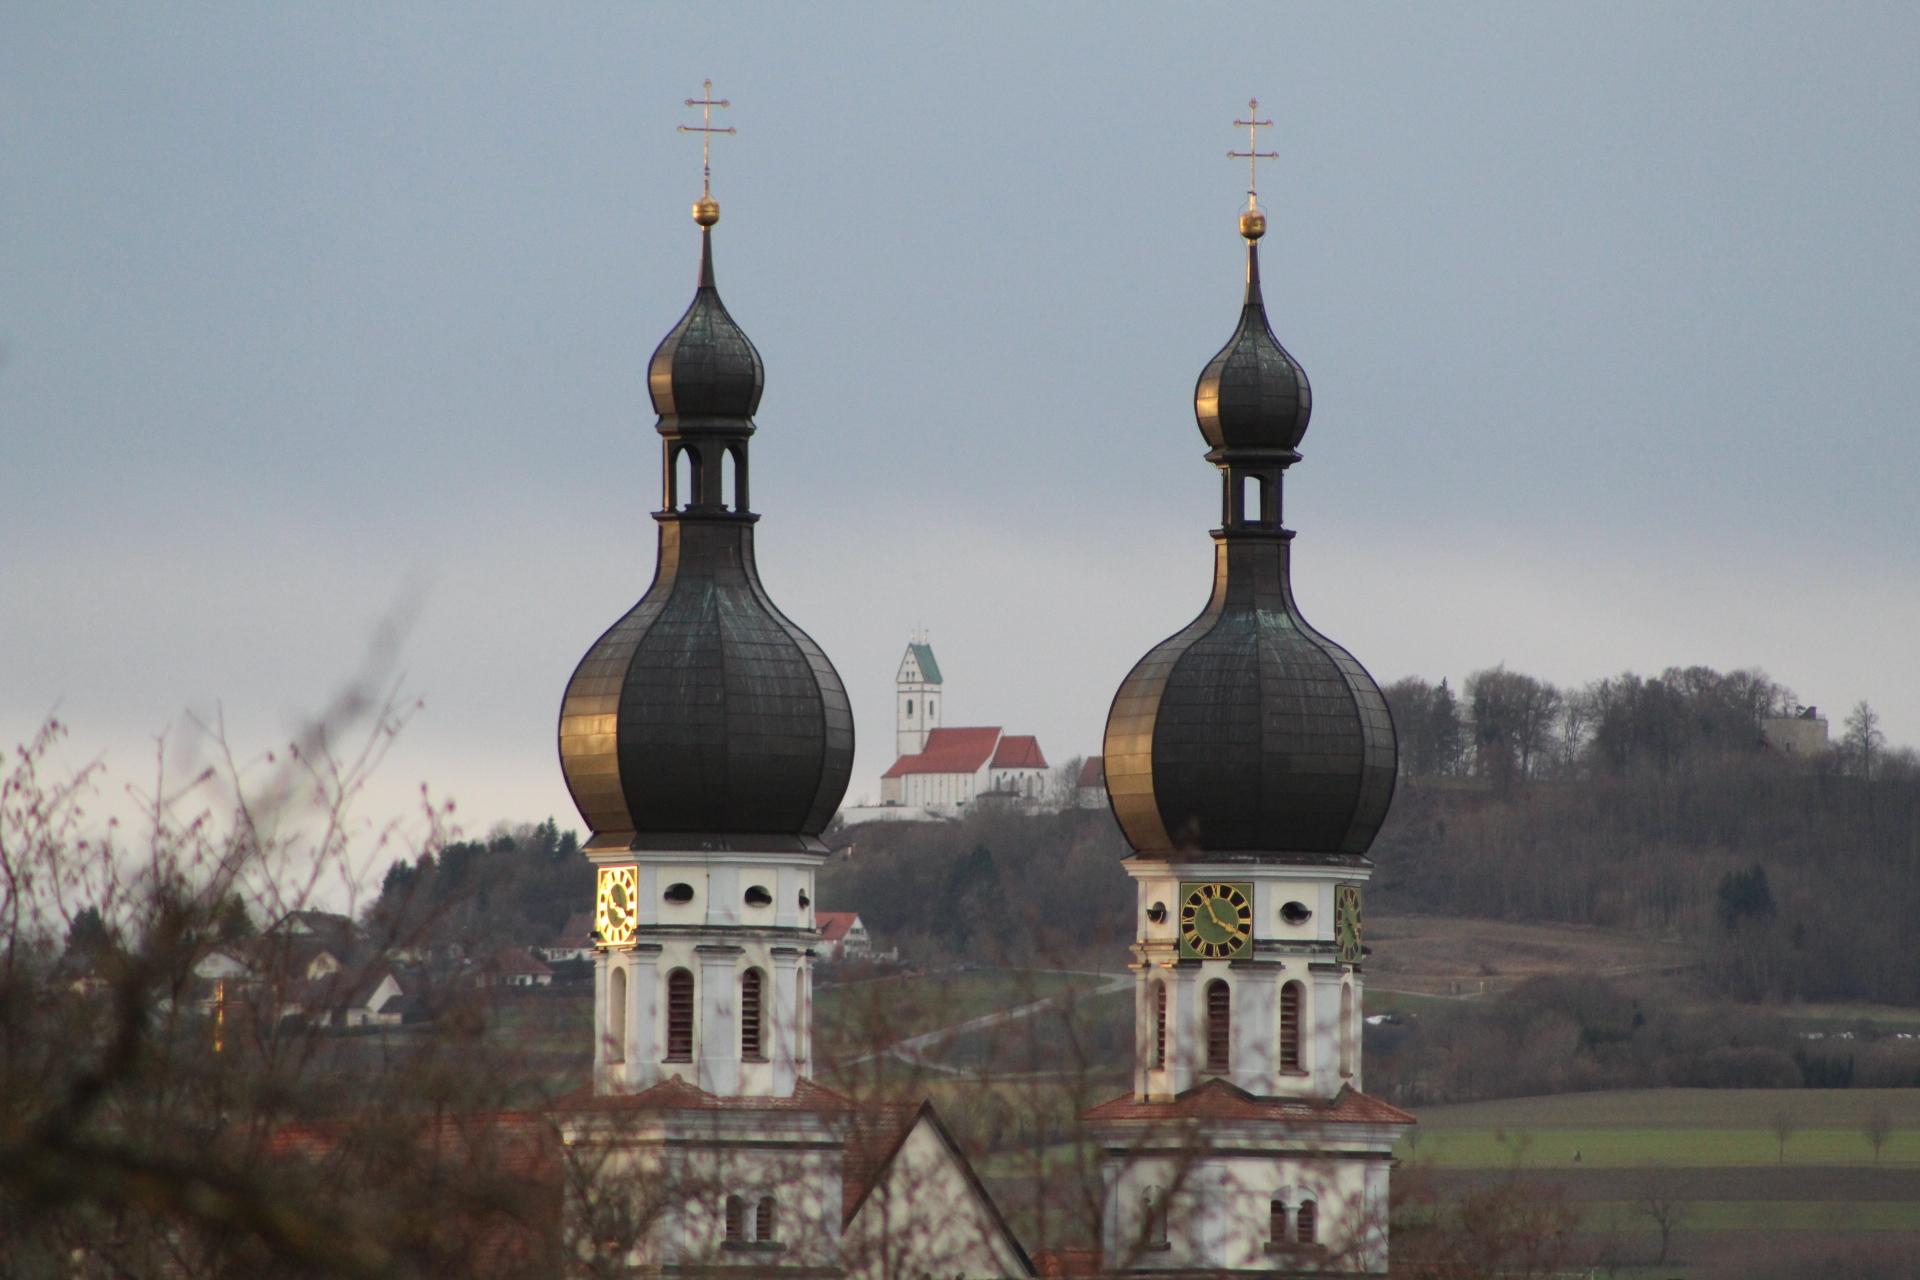 Zwiebeltürme Uttenweiler